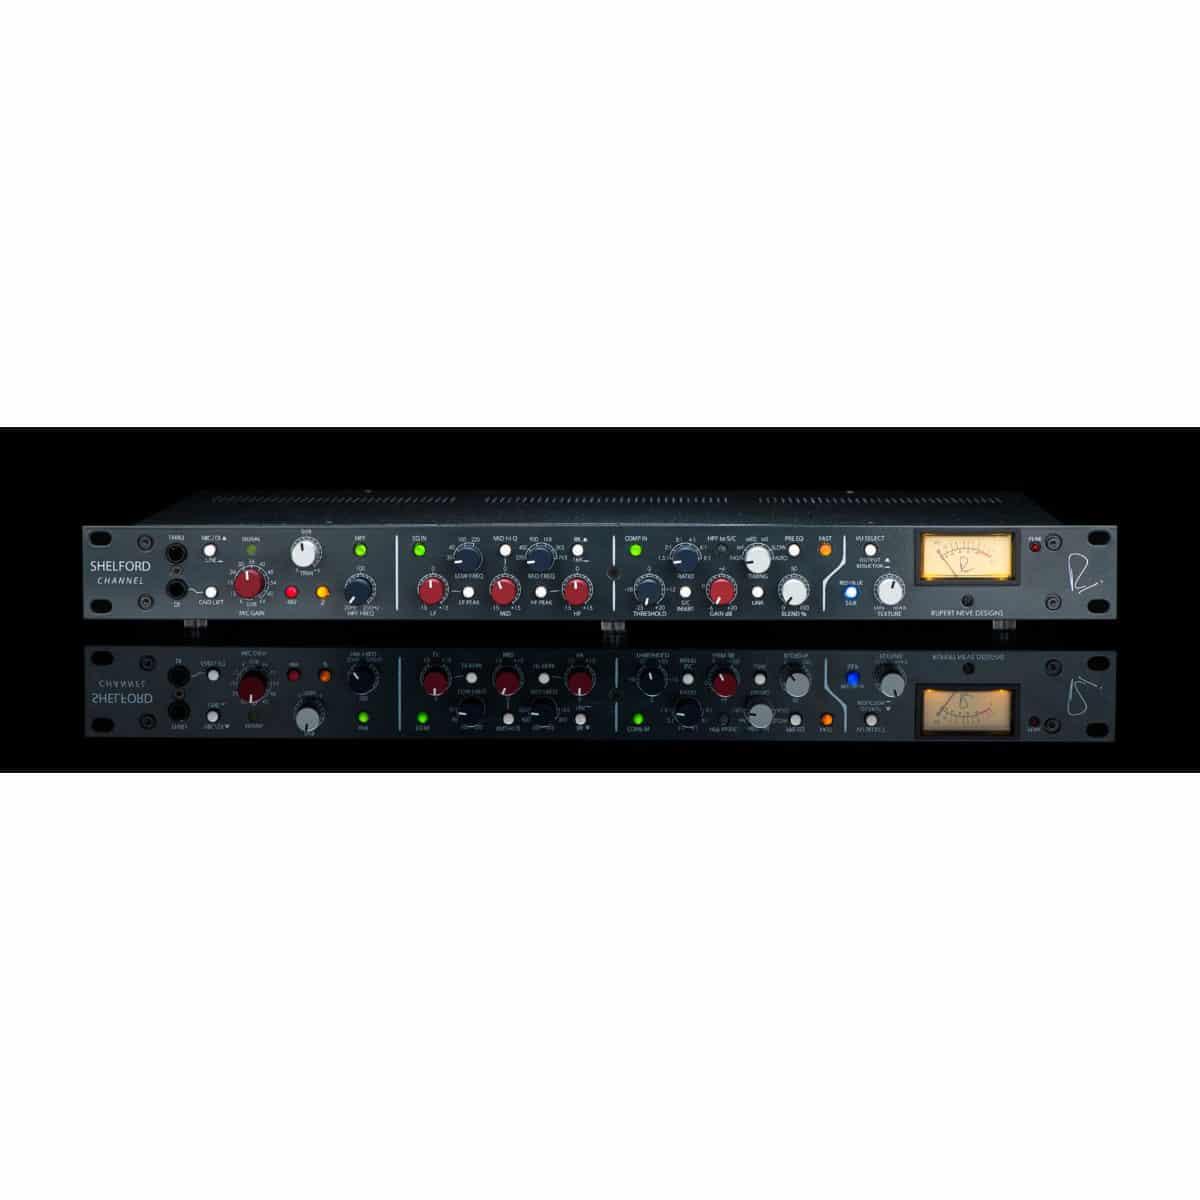 Rupert Neve shelford channel 04 Recording, Outboard, Preamplificatori Microfonici, Equalizzatori, Channel Strip, Compressori